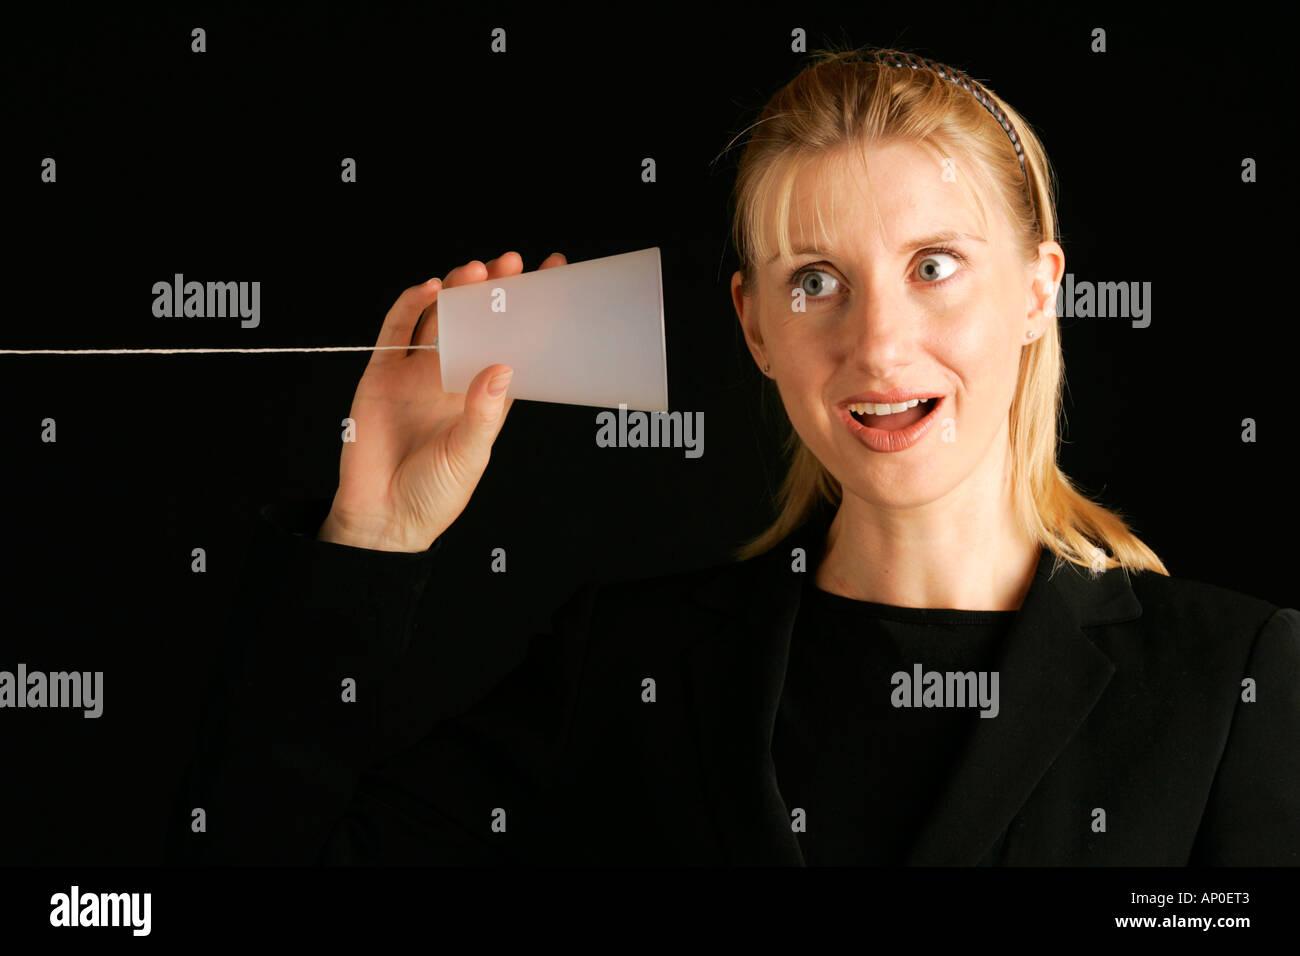 El concepto de comunicación Foto de stock